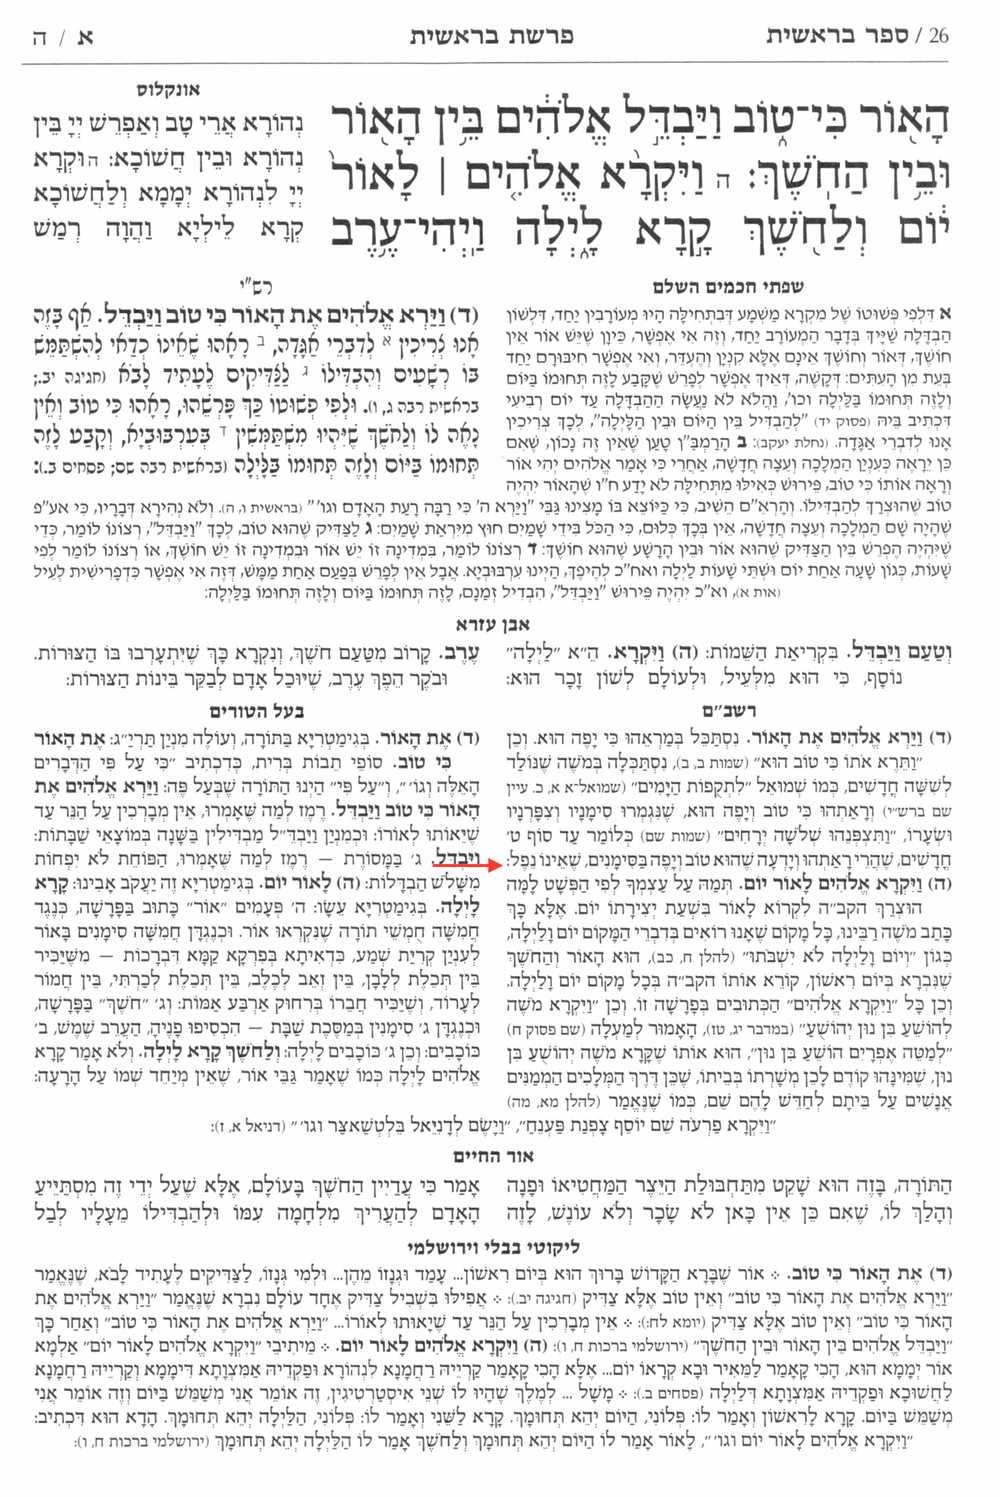 חומש מקראות גדולות בראשית. ארטסקרול–מסורה 2014. The red arrow indicates censorship of the Rashbam.